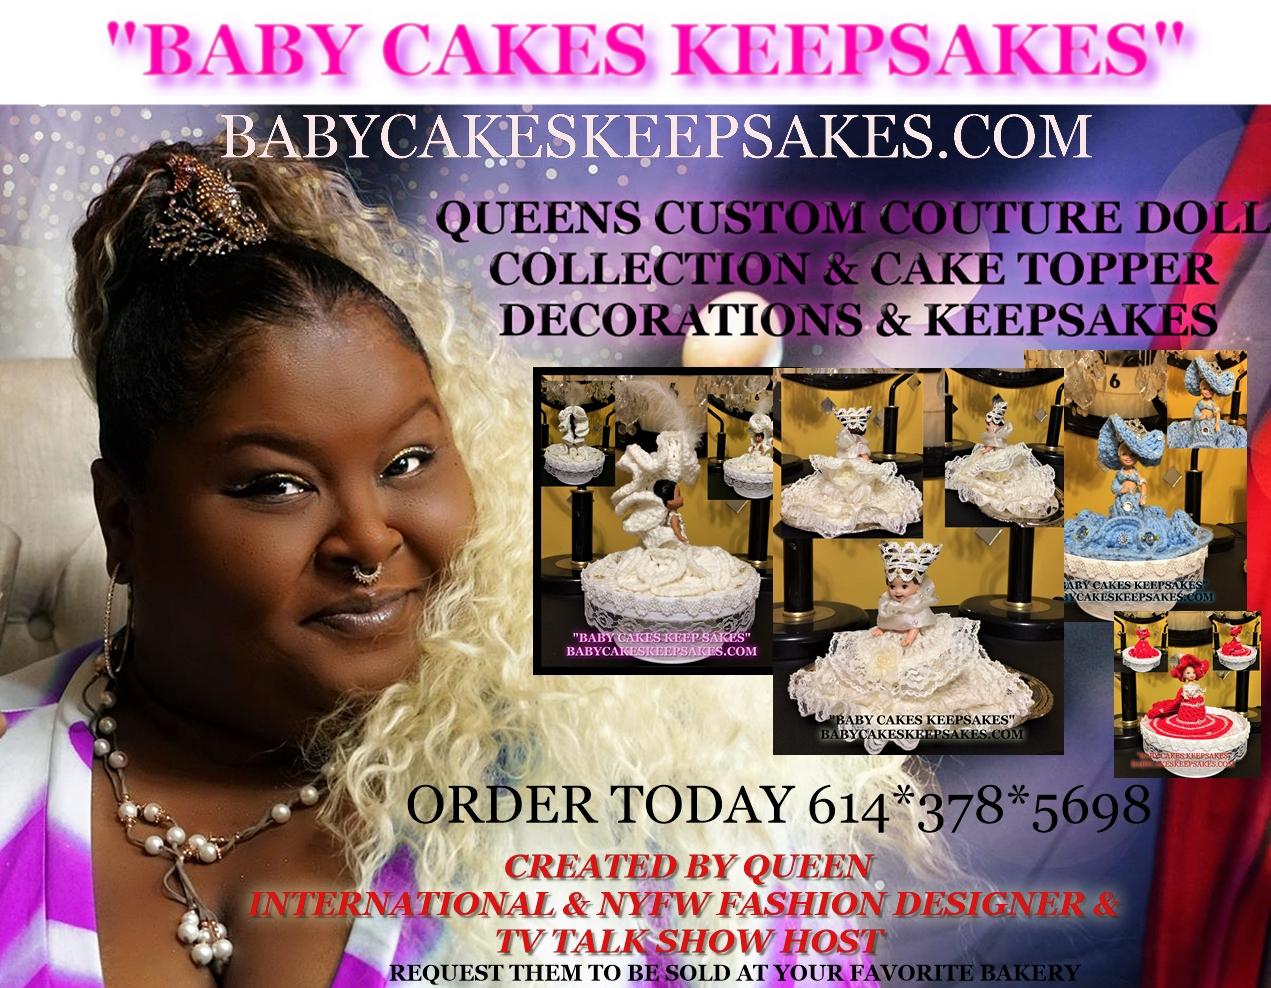 BABYCAKESKEEPSAKES.COM